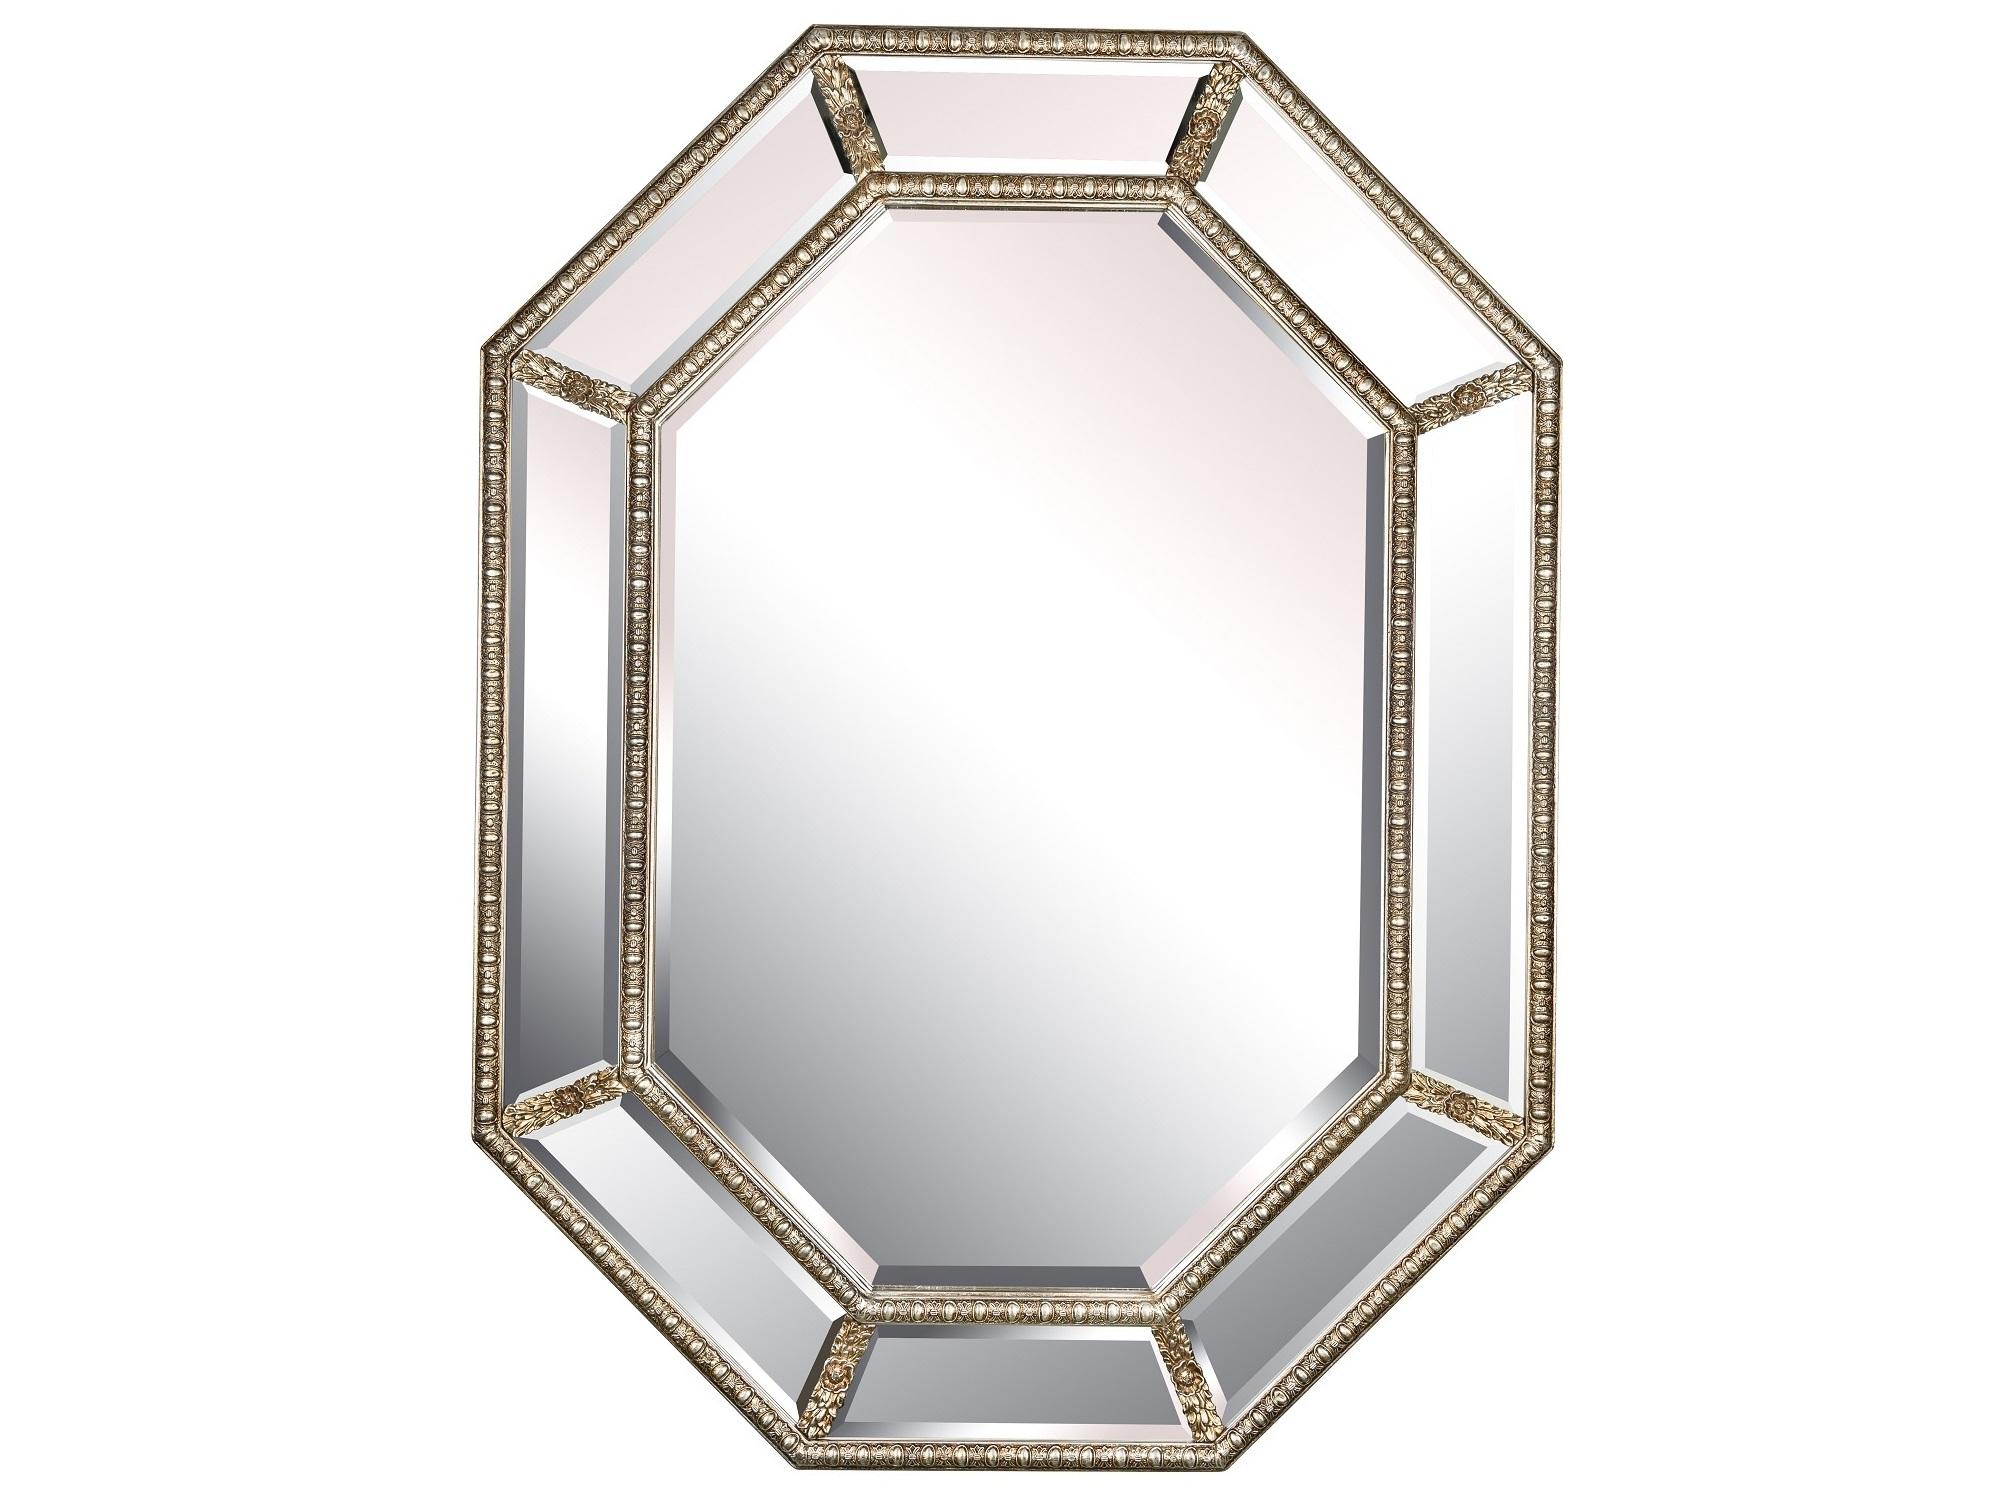 Зеркало в раме Diamond SilverНастенные зеркала<br>Оригинальная рама является изюминкой этого зеркала, выполненного в английском стиле. Она придает дизайну элегантность и делает облик декора по-настоящему благородным. Изящество тонким линиям силуэта дарит резная отделка. Выполненная в виде различных флористичных узоров, она привносит в строгий образ романтизм. Последний находит свое продолжение в винтажном флере, выраженном в патинировании.&amp;lt;div&amp;gt;&amp;lt;br&amp;gt;&amp;lt;/div&amp;gt;&amp;lt;div&amp;gt;Влагостойкое серебряное зеркало.&amp;lt;/div&amp;gt;&amp;lt;div&amp;gt;Материал рамы: дерево/полиуретан.&amp;lt;/div&amp;gt;&amp;lt;div&amp;gt;Цвет зеркала/рамы: античное серебро.&amp;lt;/div&amp;gt;&amp;lt;div&amp;gt;Размер внешний, с рамой: 90*120 см.&amp;lt;/div&amp;gt;&amp;lt;div&amp;gt;Вес: 18,5 кг.&amp;lt;/div&amp;gt;<br><br>Material: Дерево